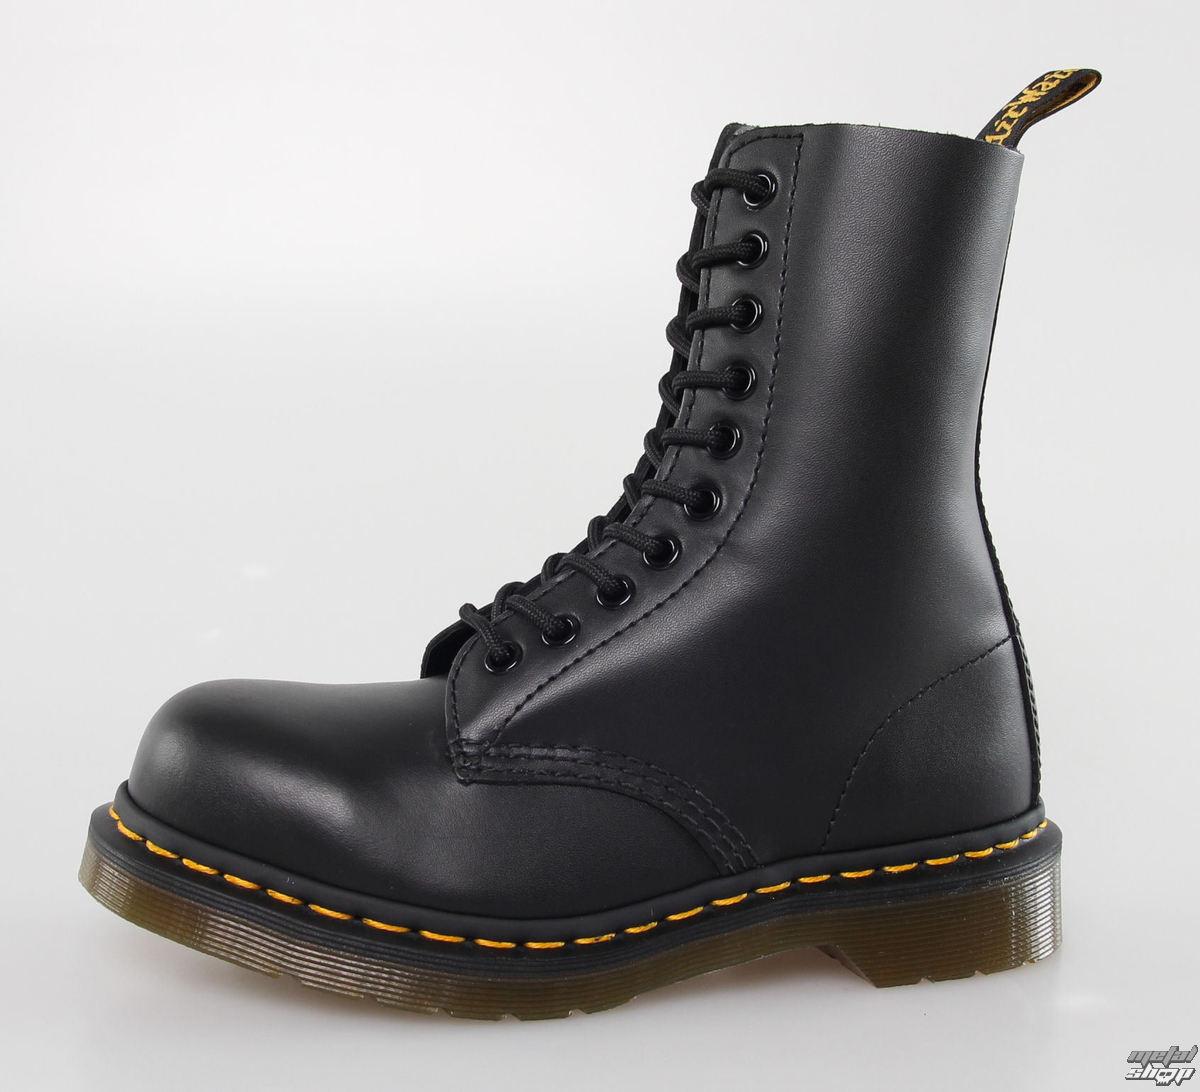 c83f457d57 DR. MARTENS cipő - 10 lyukú - 1919 - BLACK FINE Haircell - Metalshop.hu